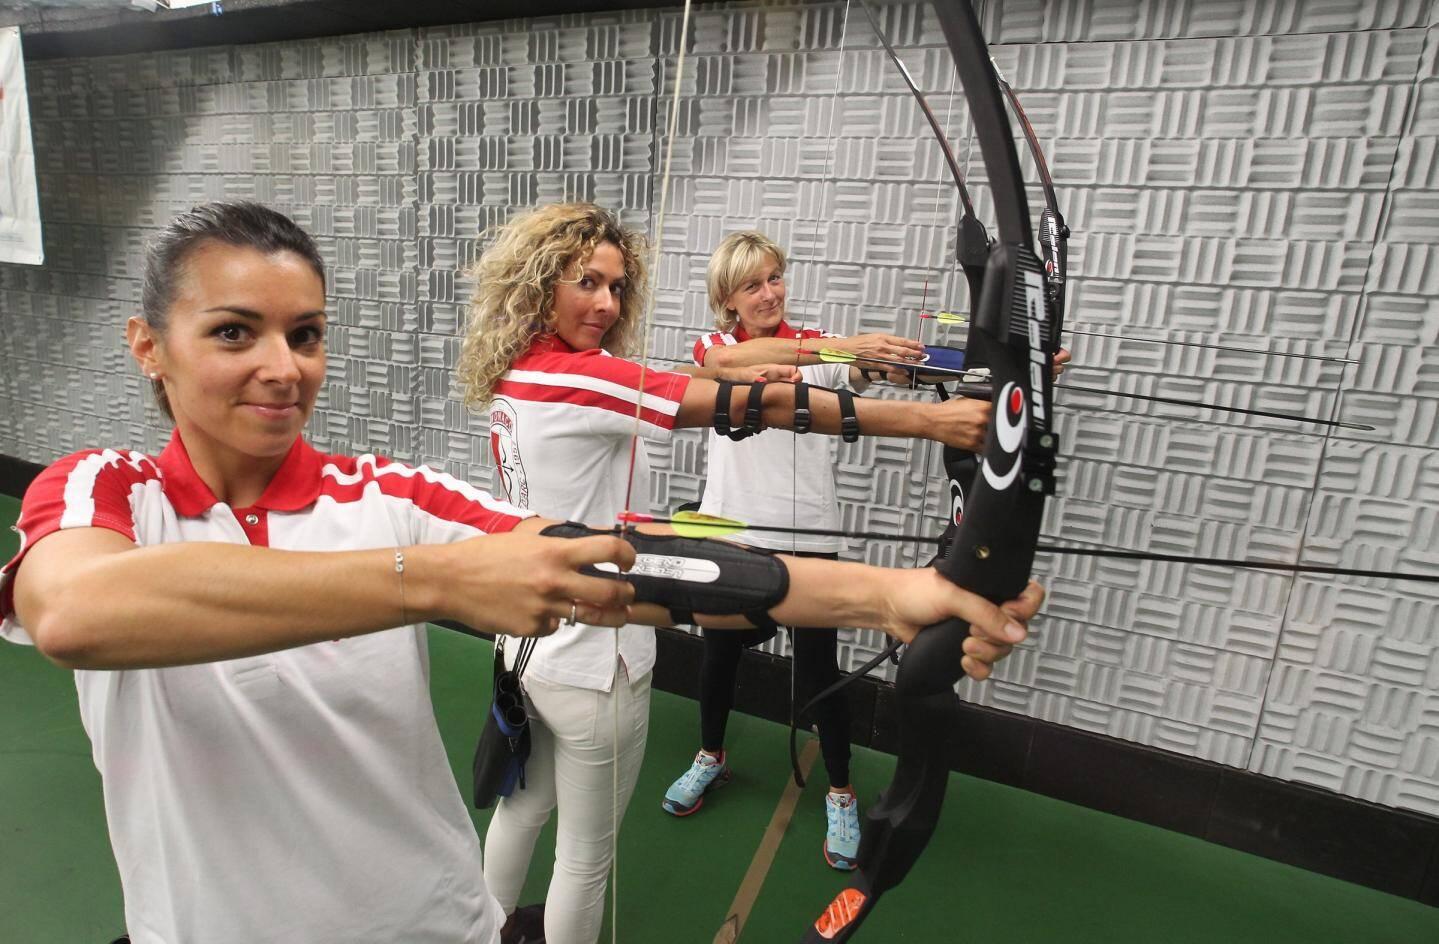 De nombreux compétiteurs français et italiens sont attendus pour cette compétition où les records mondiaux seront homologués.